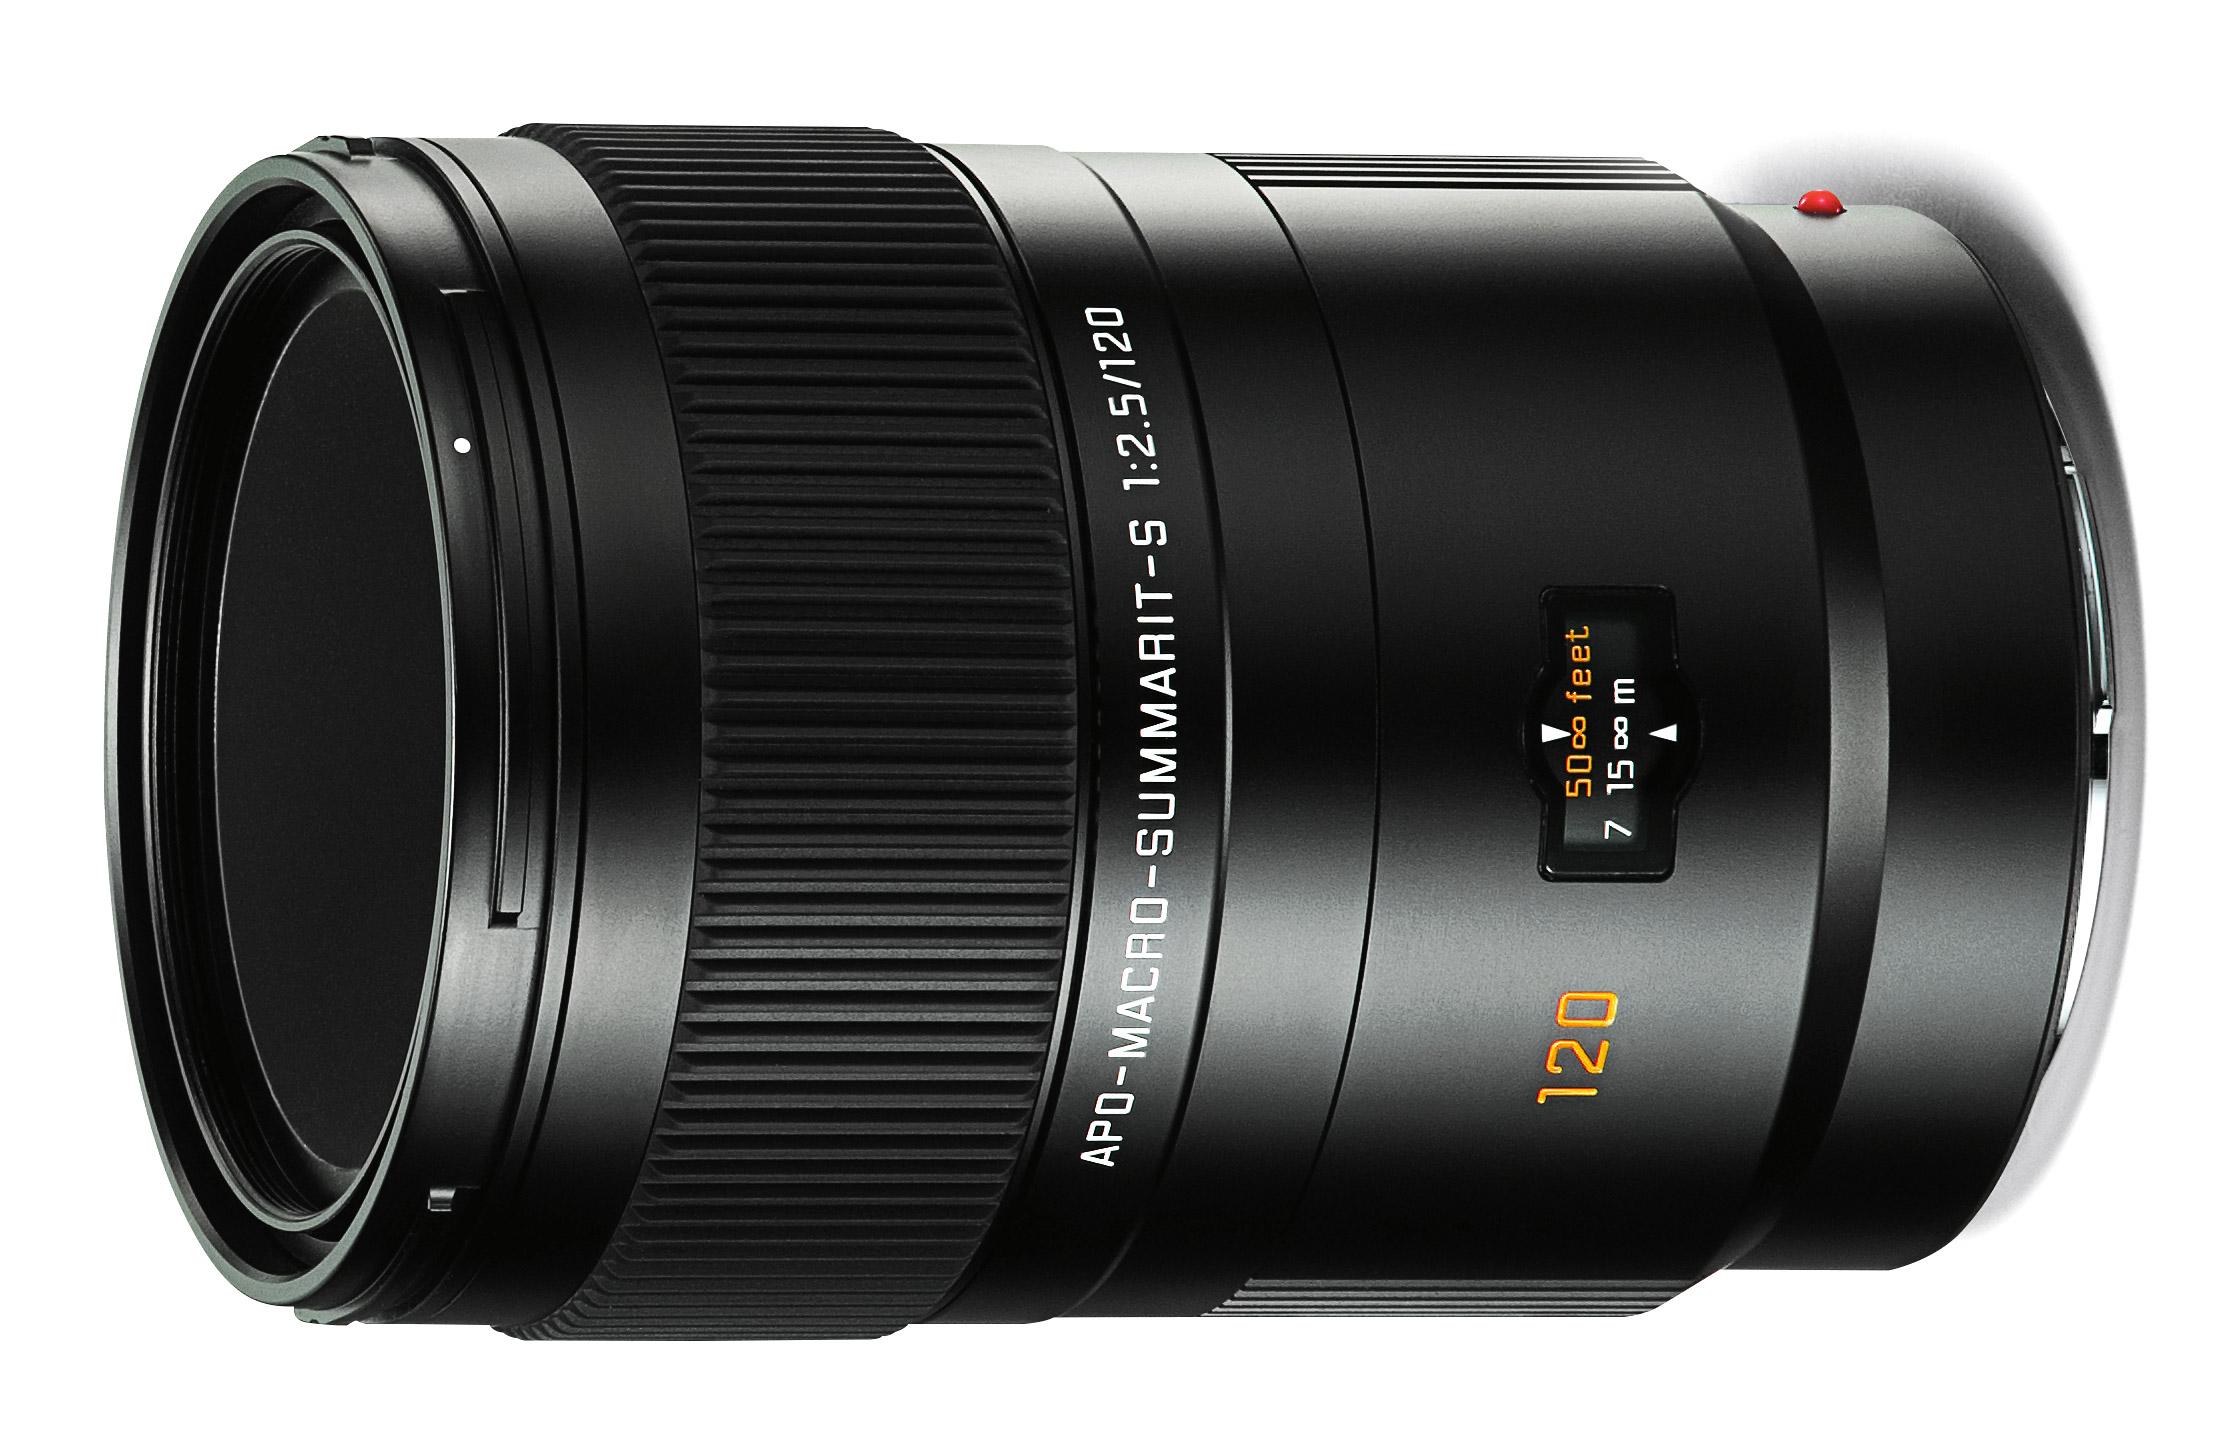 Leica Apo-Macro-Summarit-S 120mm f/2.5 CS